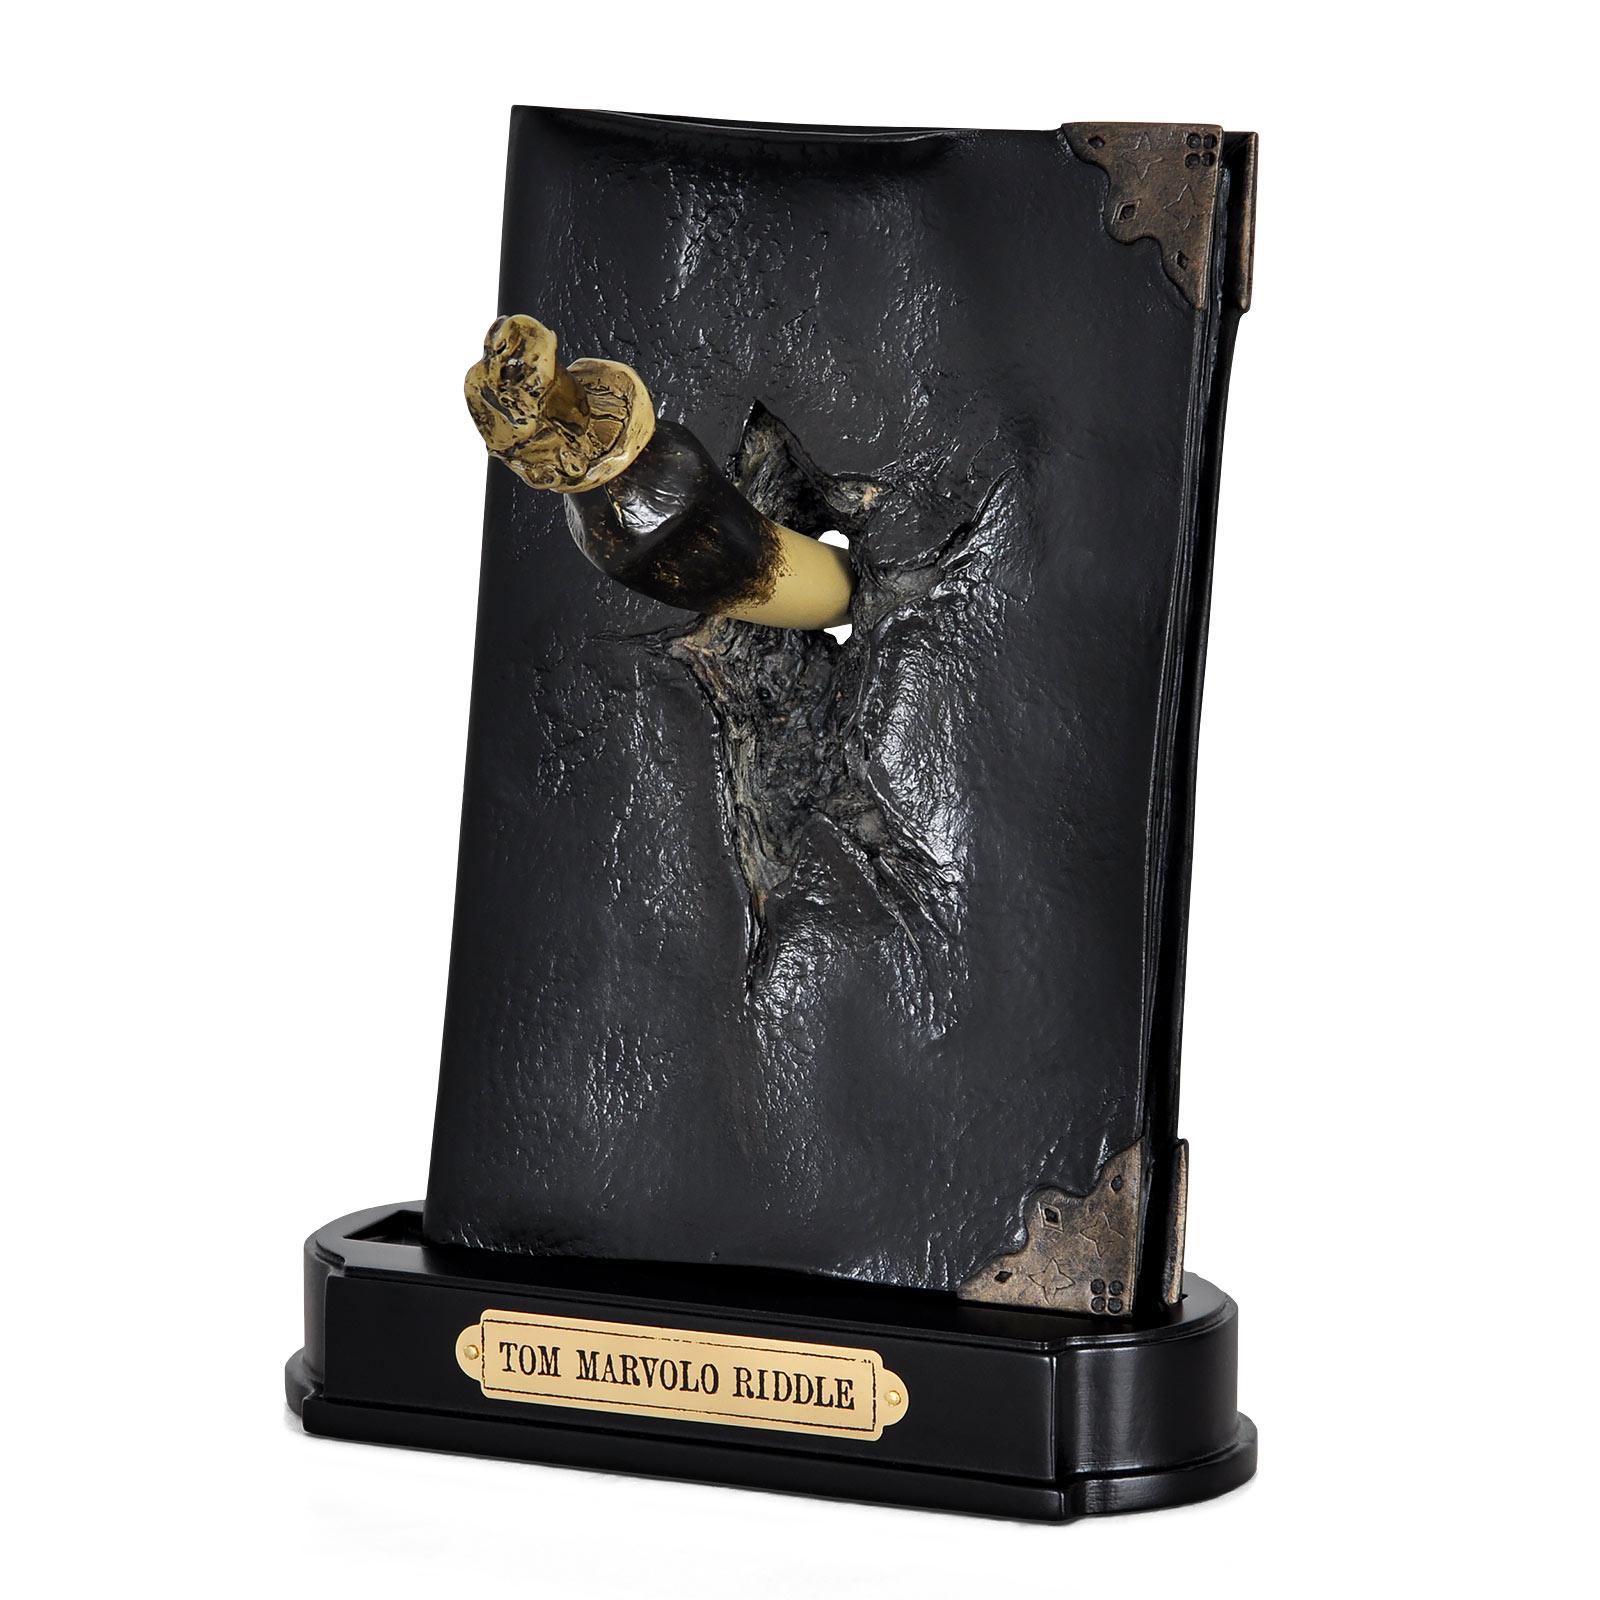 Harry Potter - Riddle Tagebuch Statue mit Basiliskenzahn